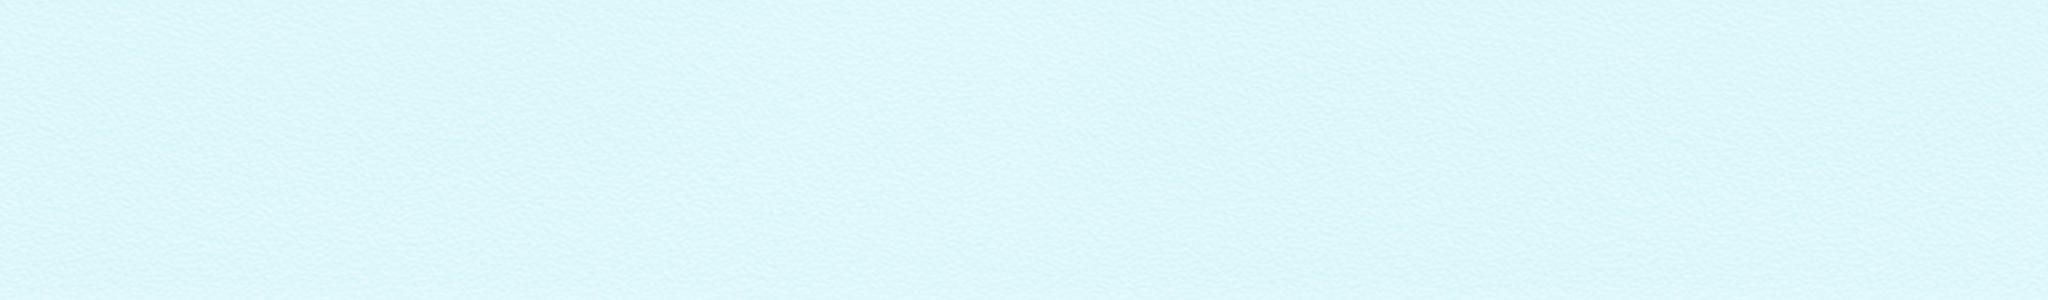 HU 15303 Chant ABS Bleu Clair Perle 101